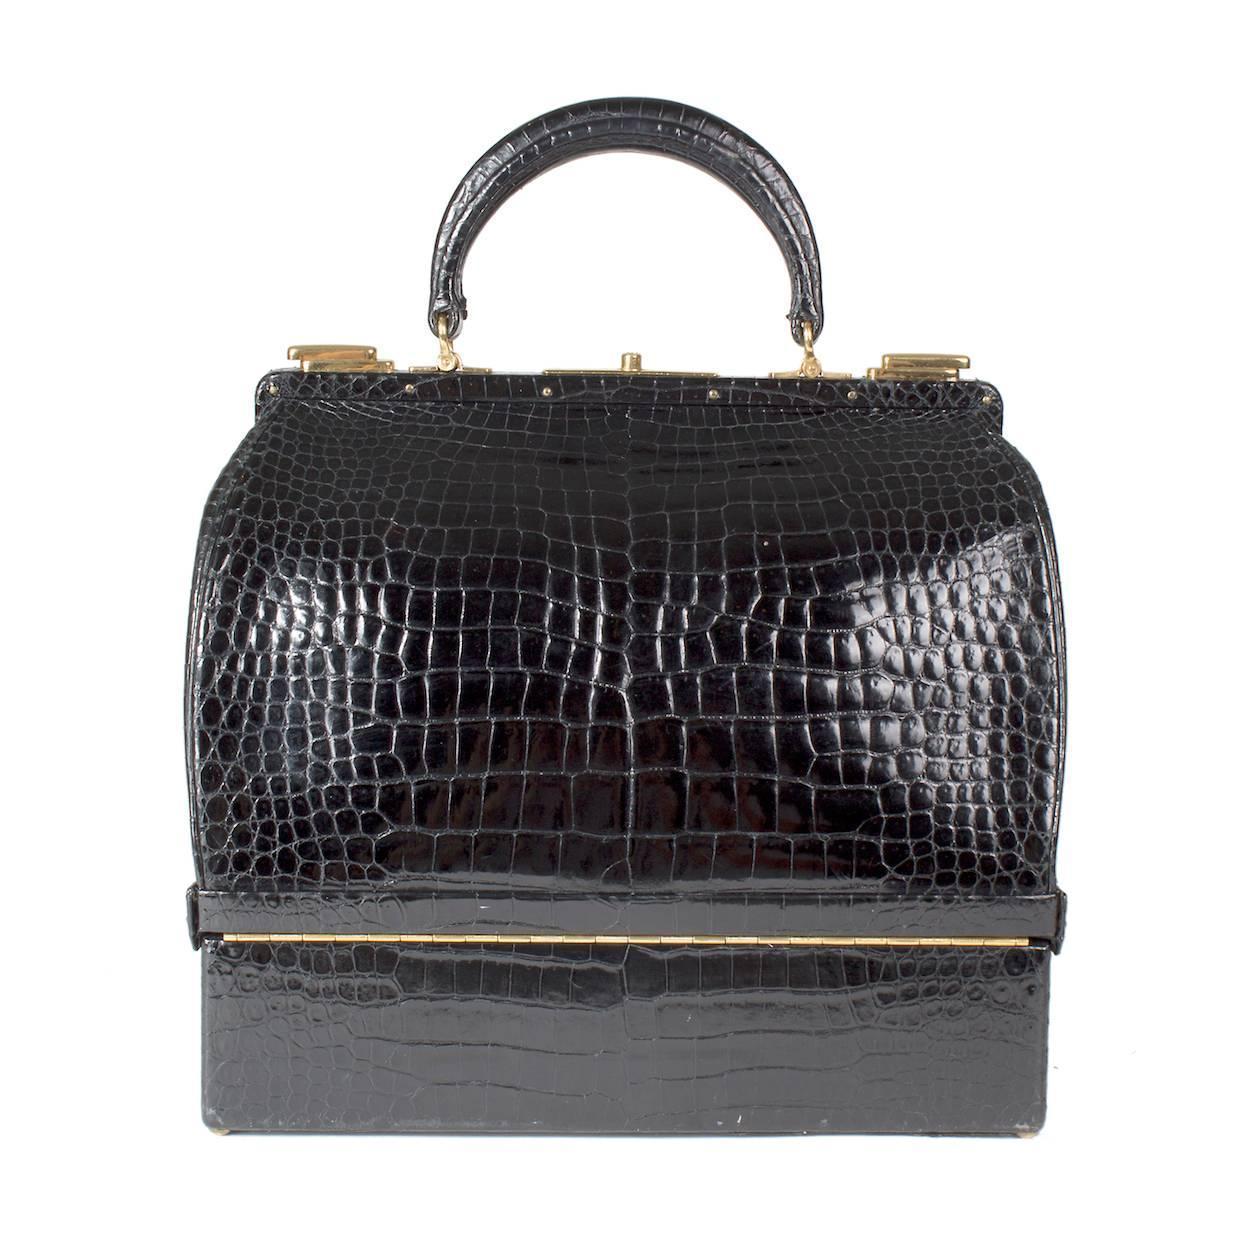 Hermes Vintage Croc Sac Mallete Bag circa 1950s 1960s For Sale at 1stdibs 4b92448af3a3f